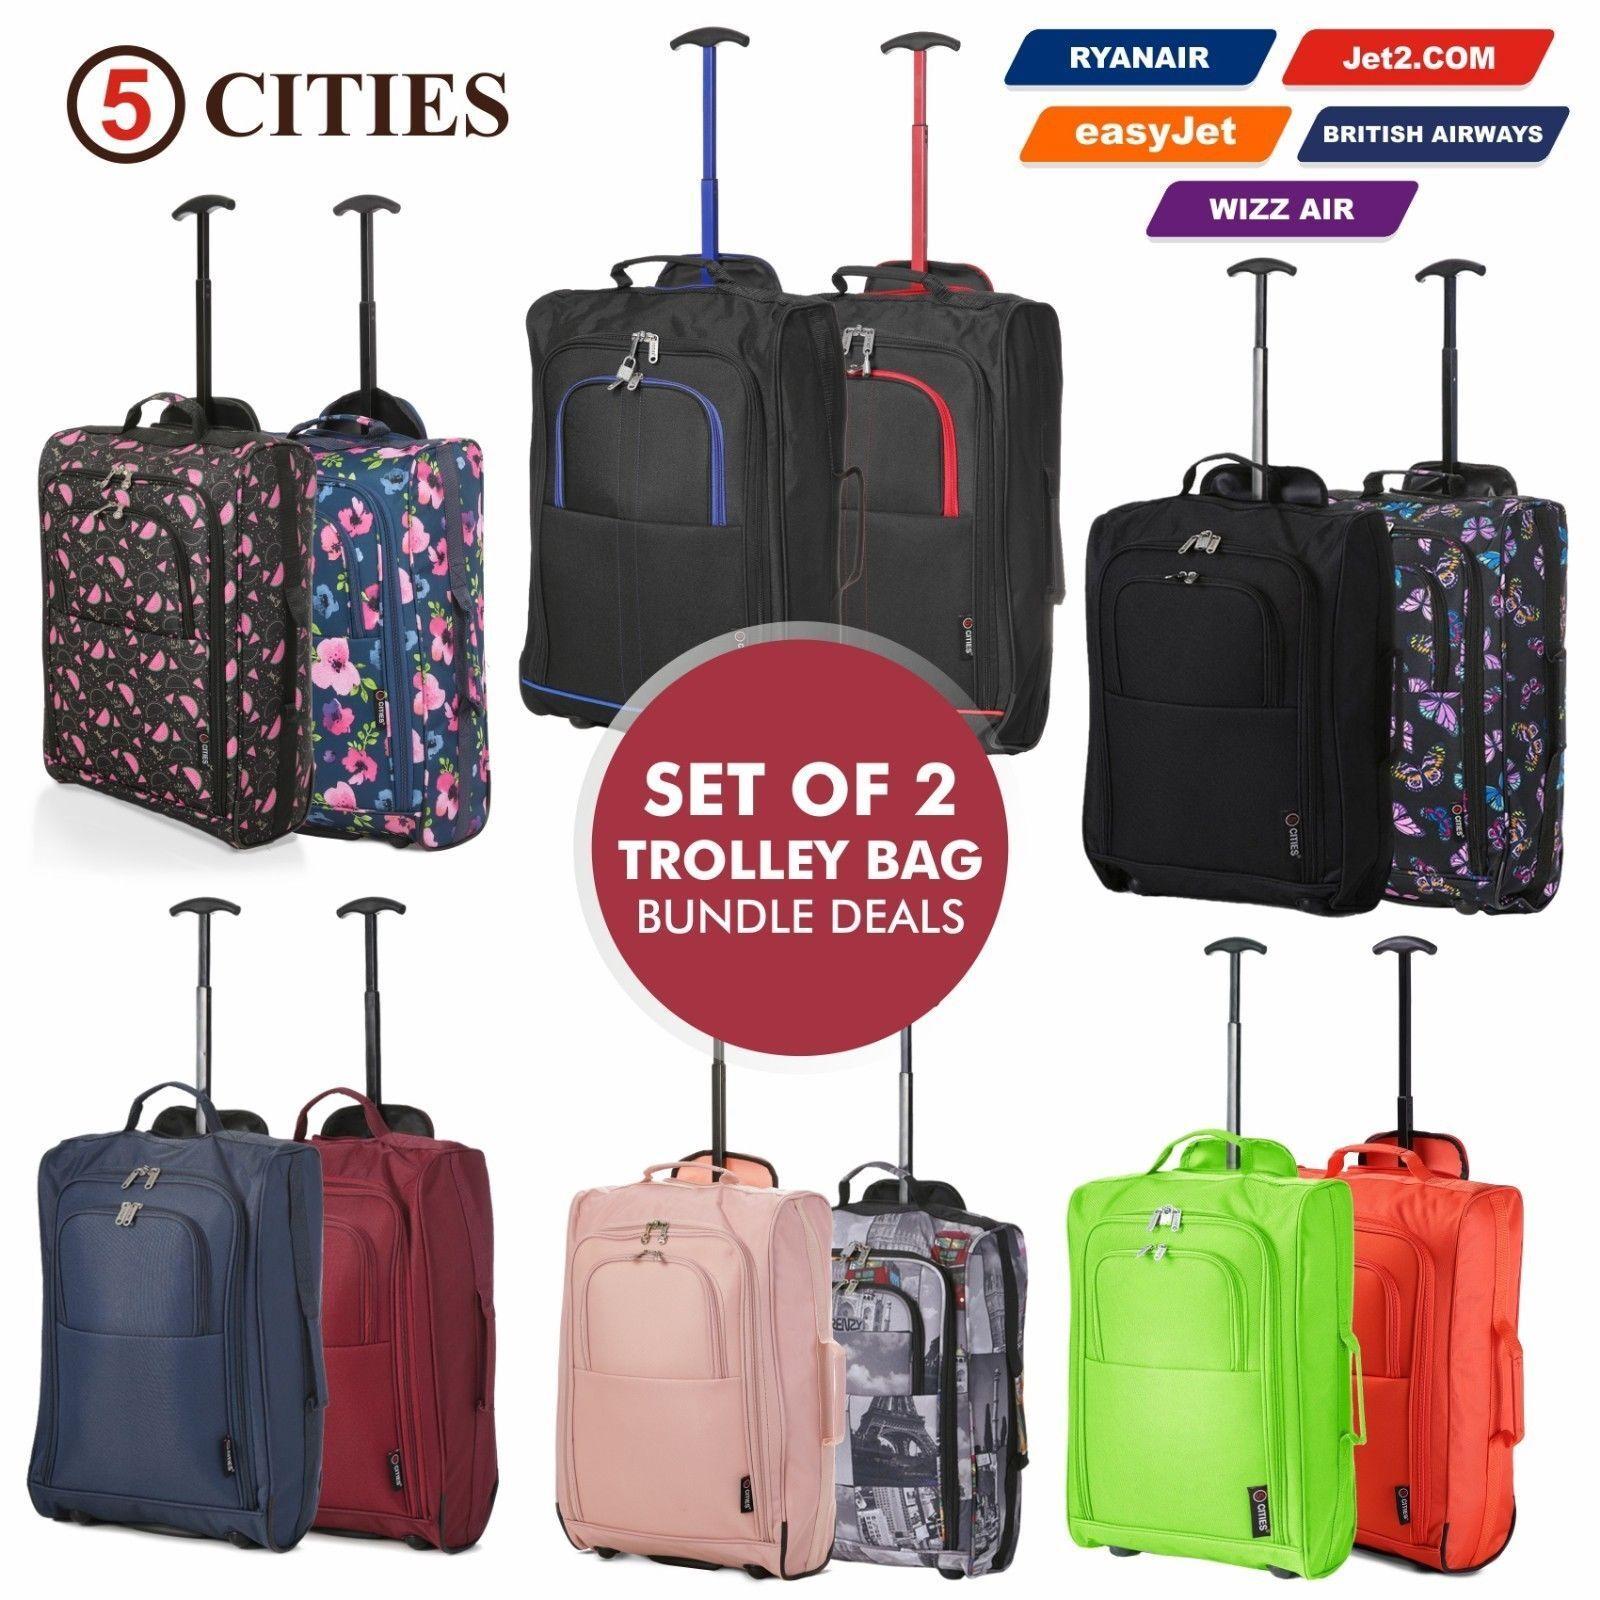 7fc70f428 Juego de 2 bolsas de viaje de equipaje de mano con equipaje de mano  superligero con carro